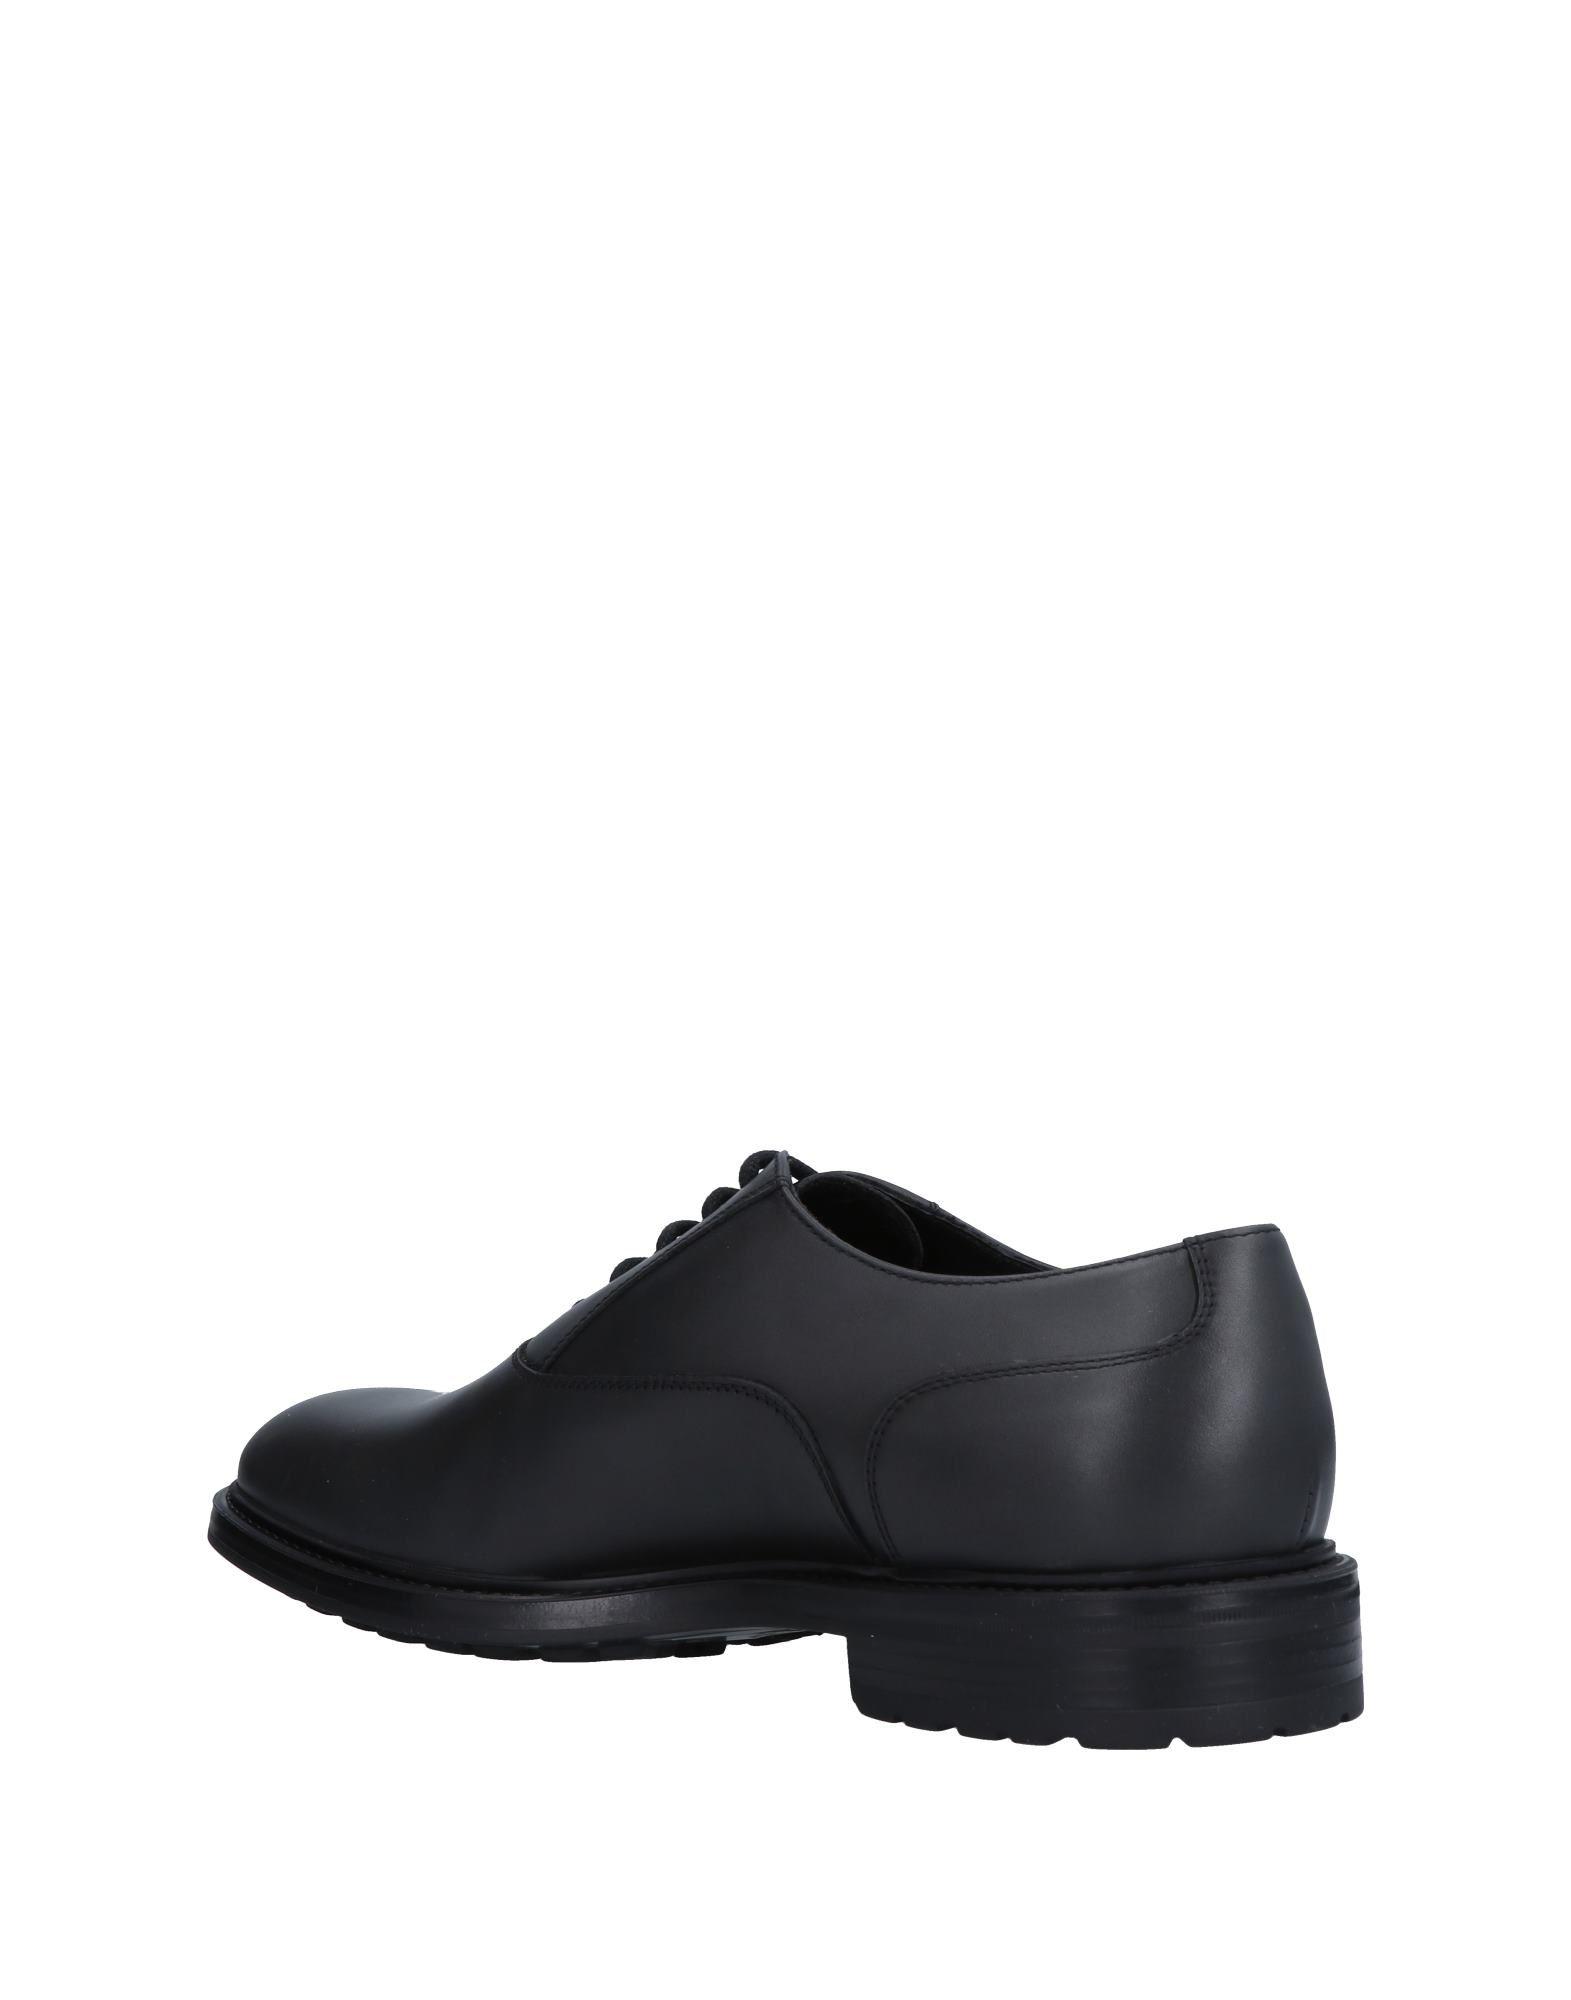 Doucal's Gute Schnürschuhe Herren  11502120FA Gute Doucal's Qualität beliebte Schuhe cc2f36